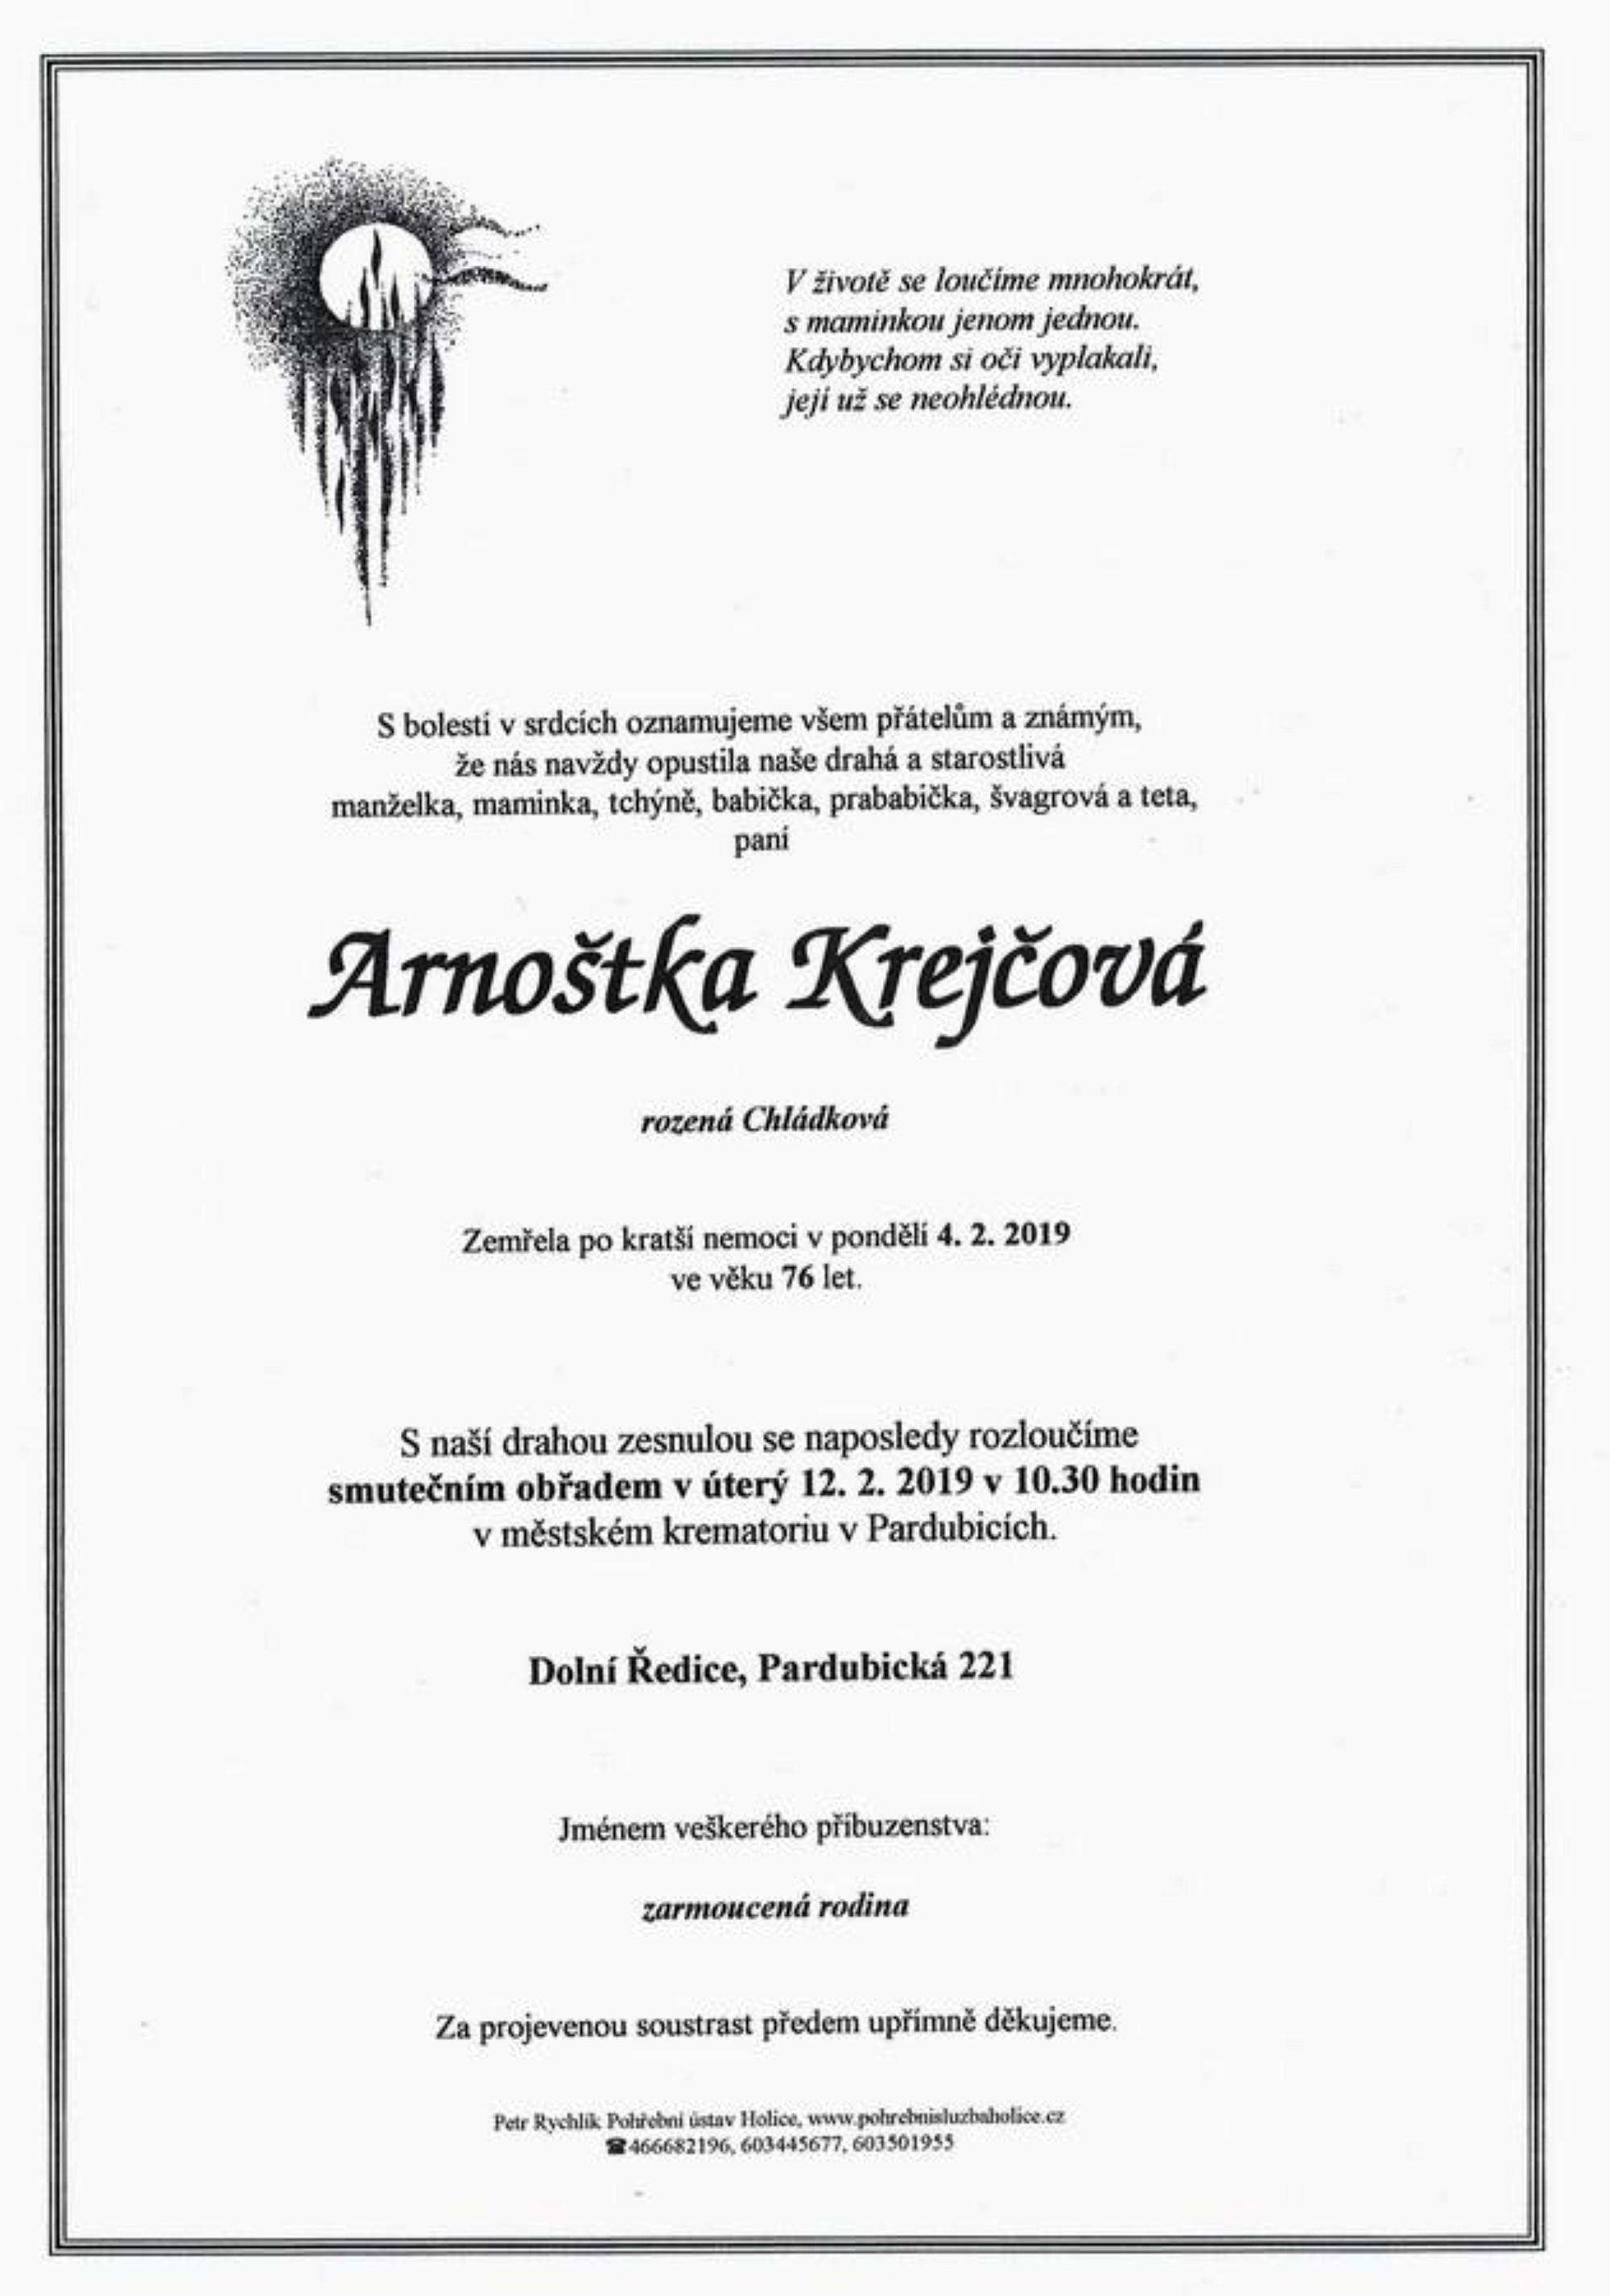 Arnoštka Krejčová